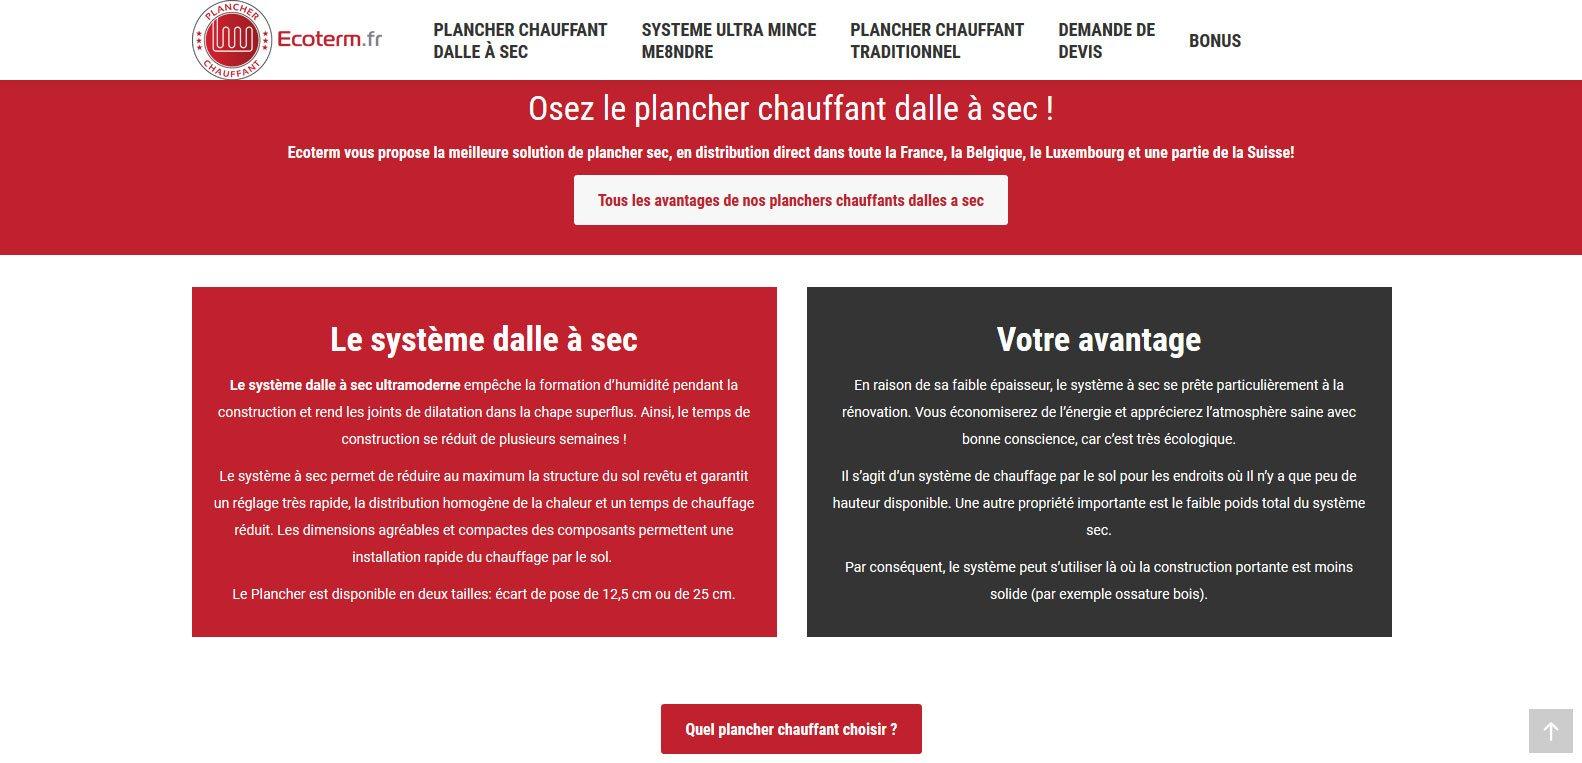 Pourquoi choisir le plancher chauffant ecoterm ? Client Karedess, agence web situé à Mulhouse